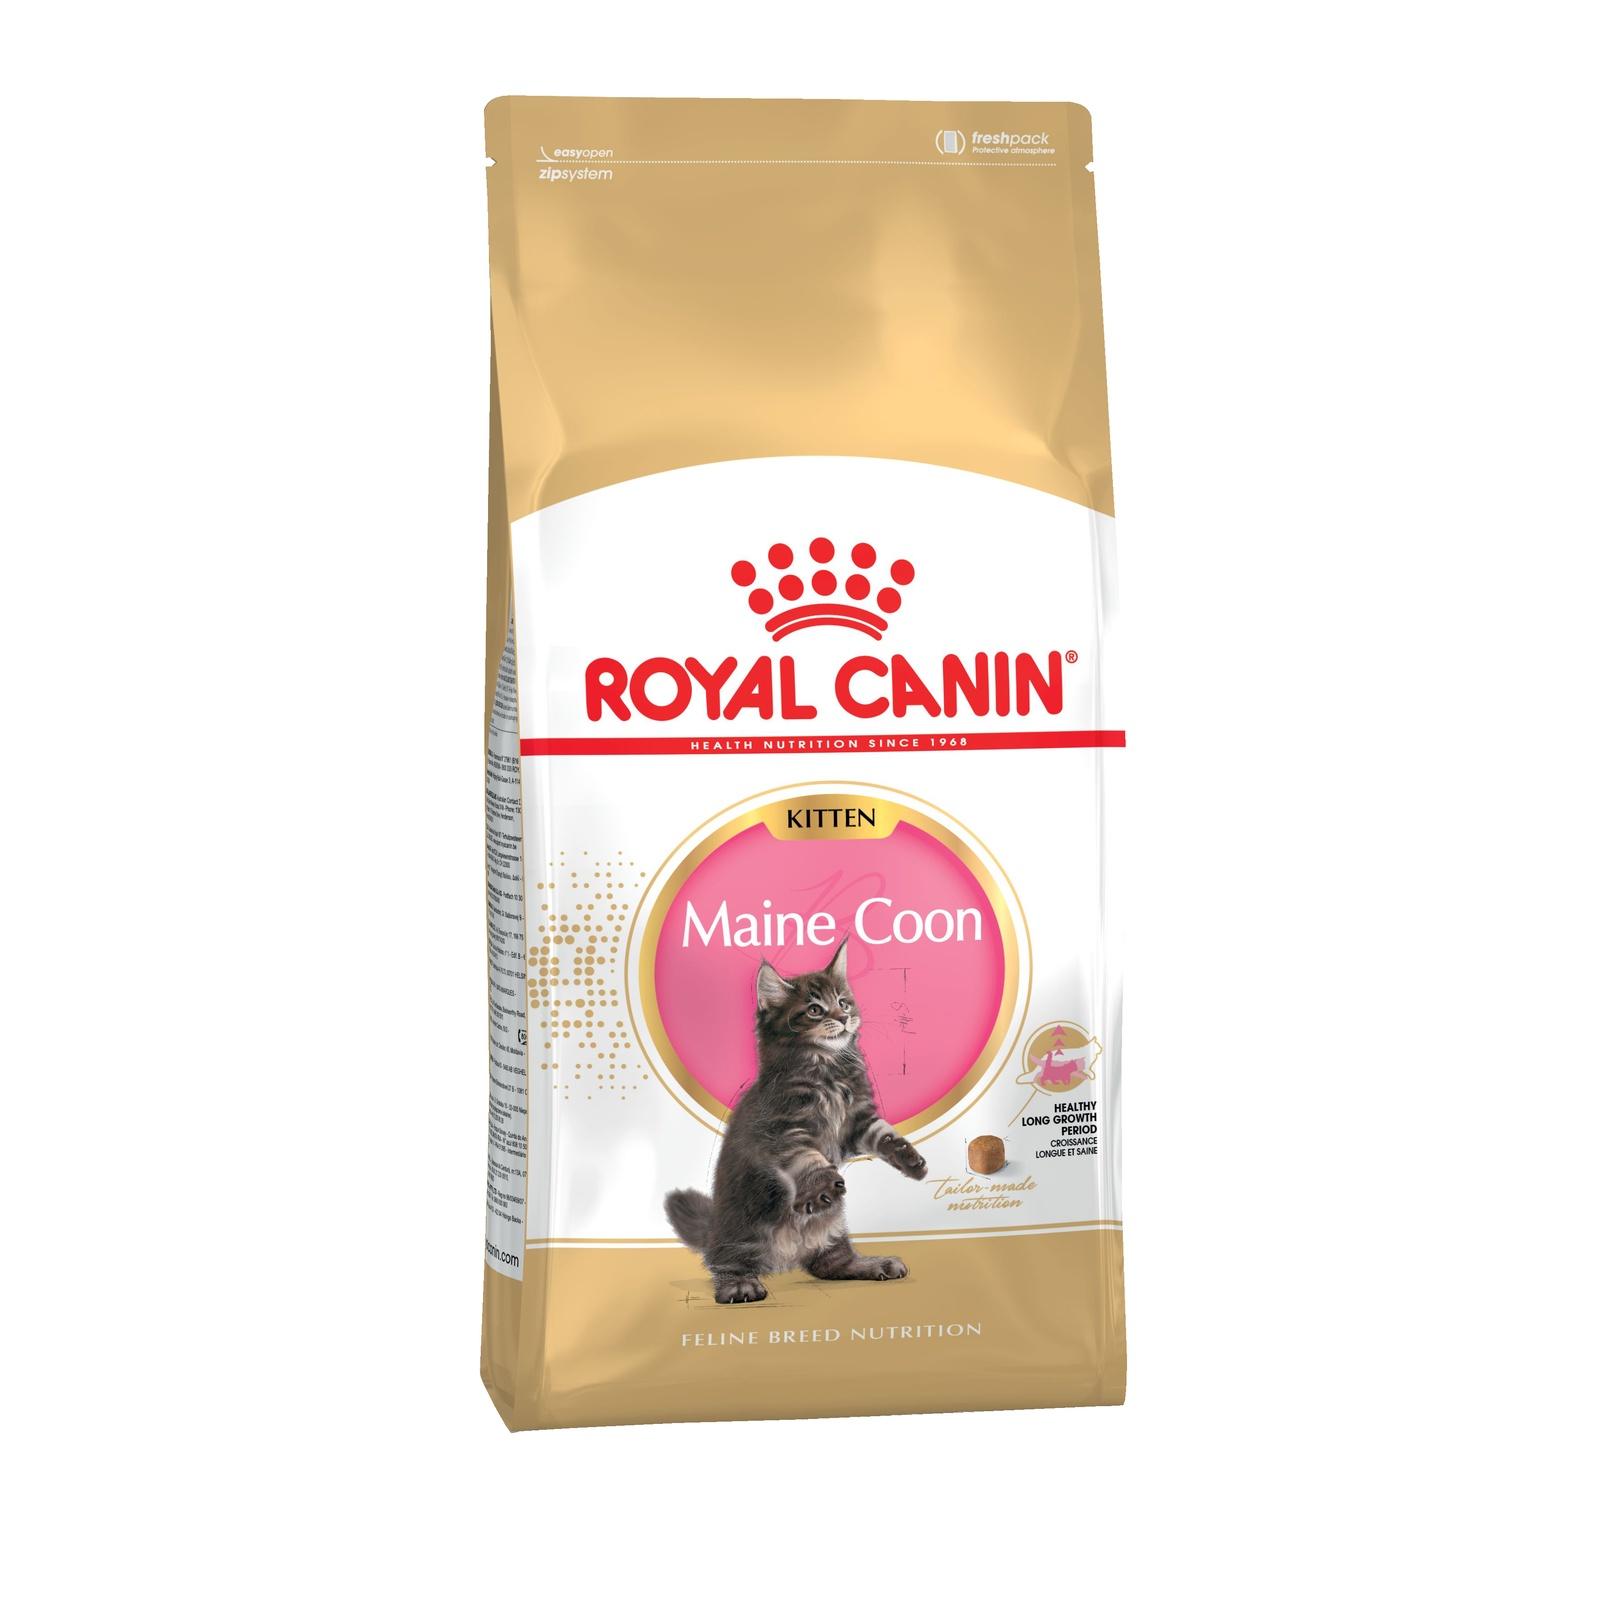 ROYAL CANIN Feline Breed Nutrition Kitten Maine Coon корм для котят породы Мэйн-Кун 4кг корм для кошек взрослых породы мейн кун соус 12х0 085 кг